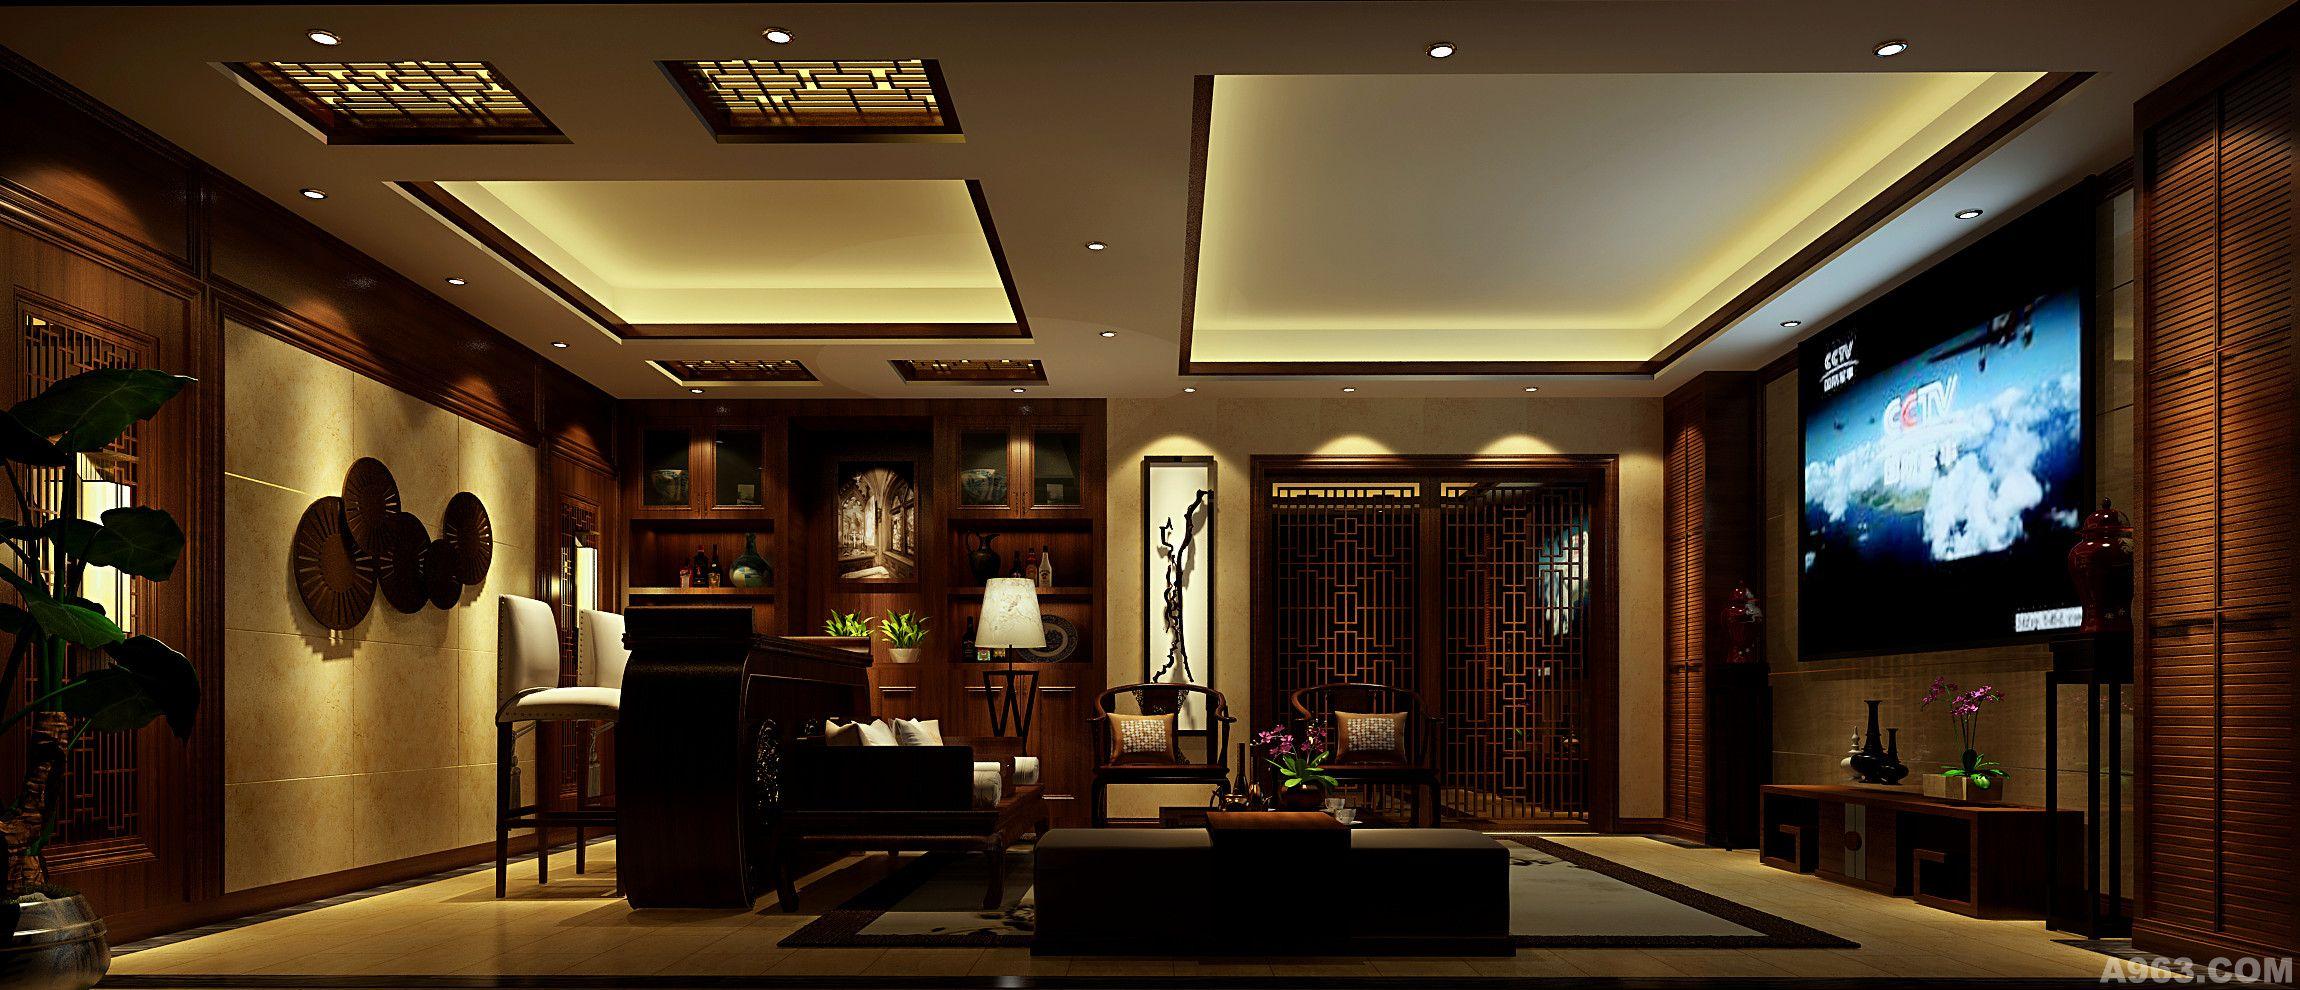 主笔设计师:郑世斌 本案设计项目:清华居 客户要求:白欧、白色调、地下室中式风格 材料应用:艺术漆、、大理石、实木 设计理念:(总体设计主题的描述) 本案根据业主的风格多变的要求,在客厅和卧室设计上采用白色调欧式为主,在地下室影视厅采用中式风格,把不同的空间打造成专属的设计风格。